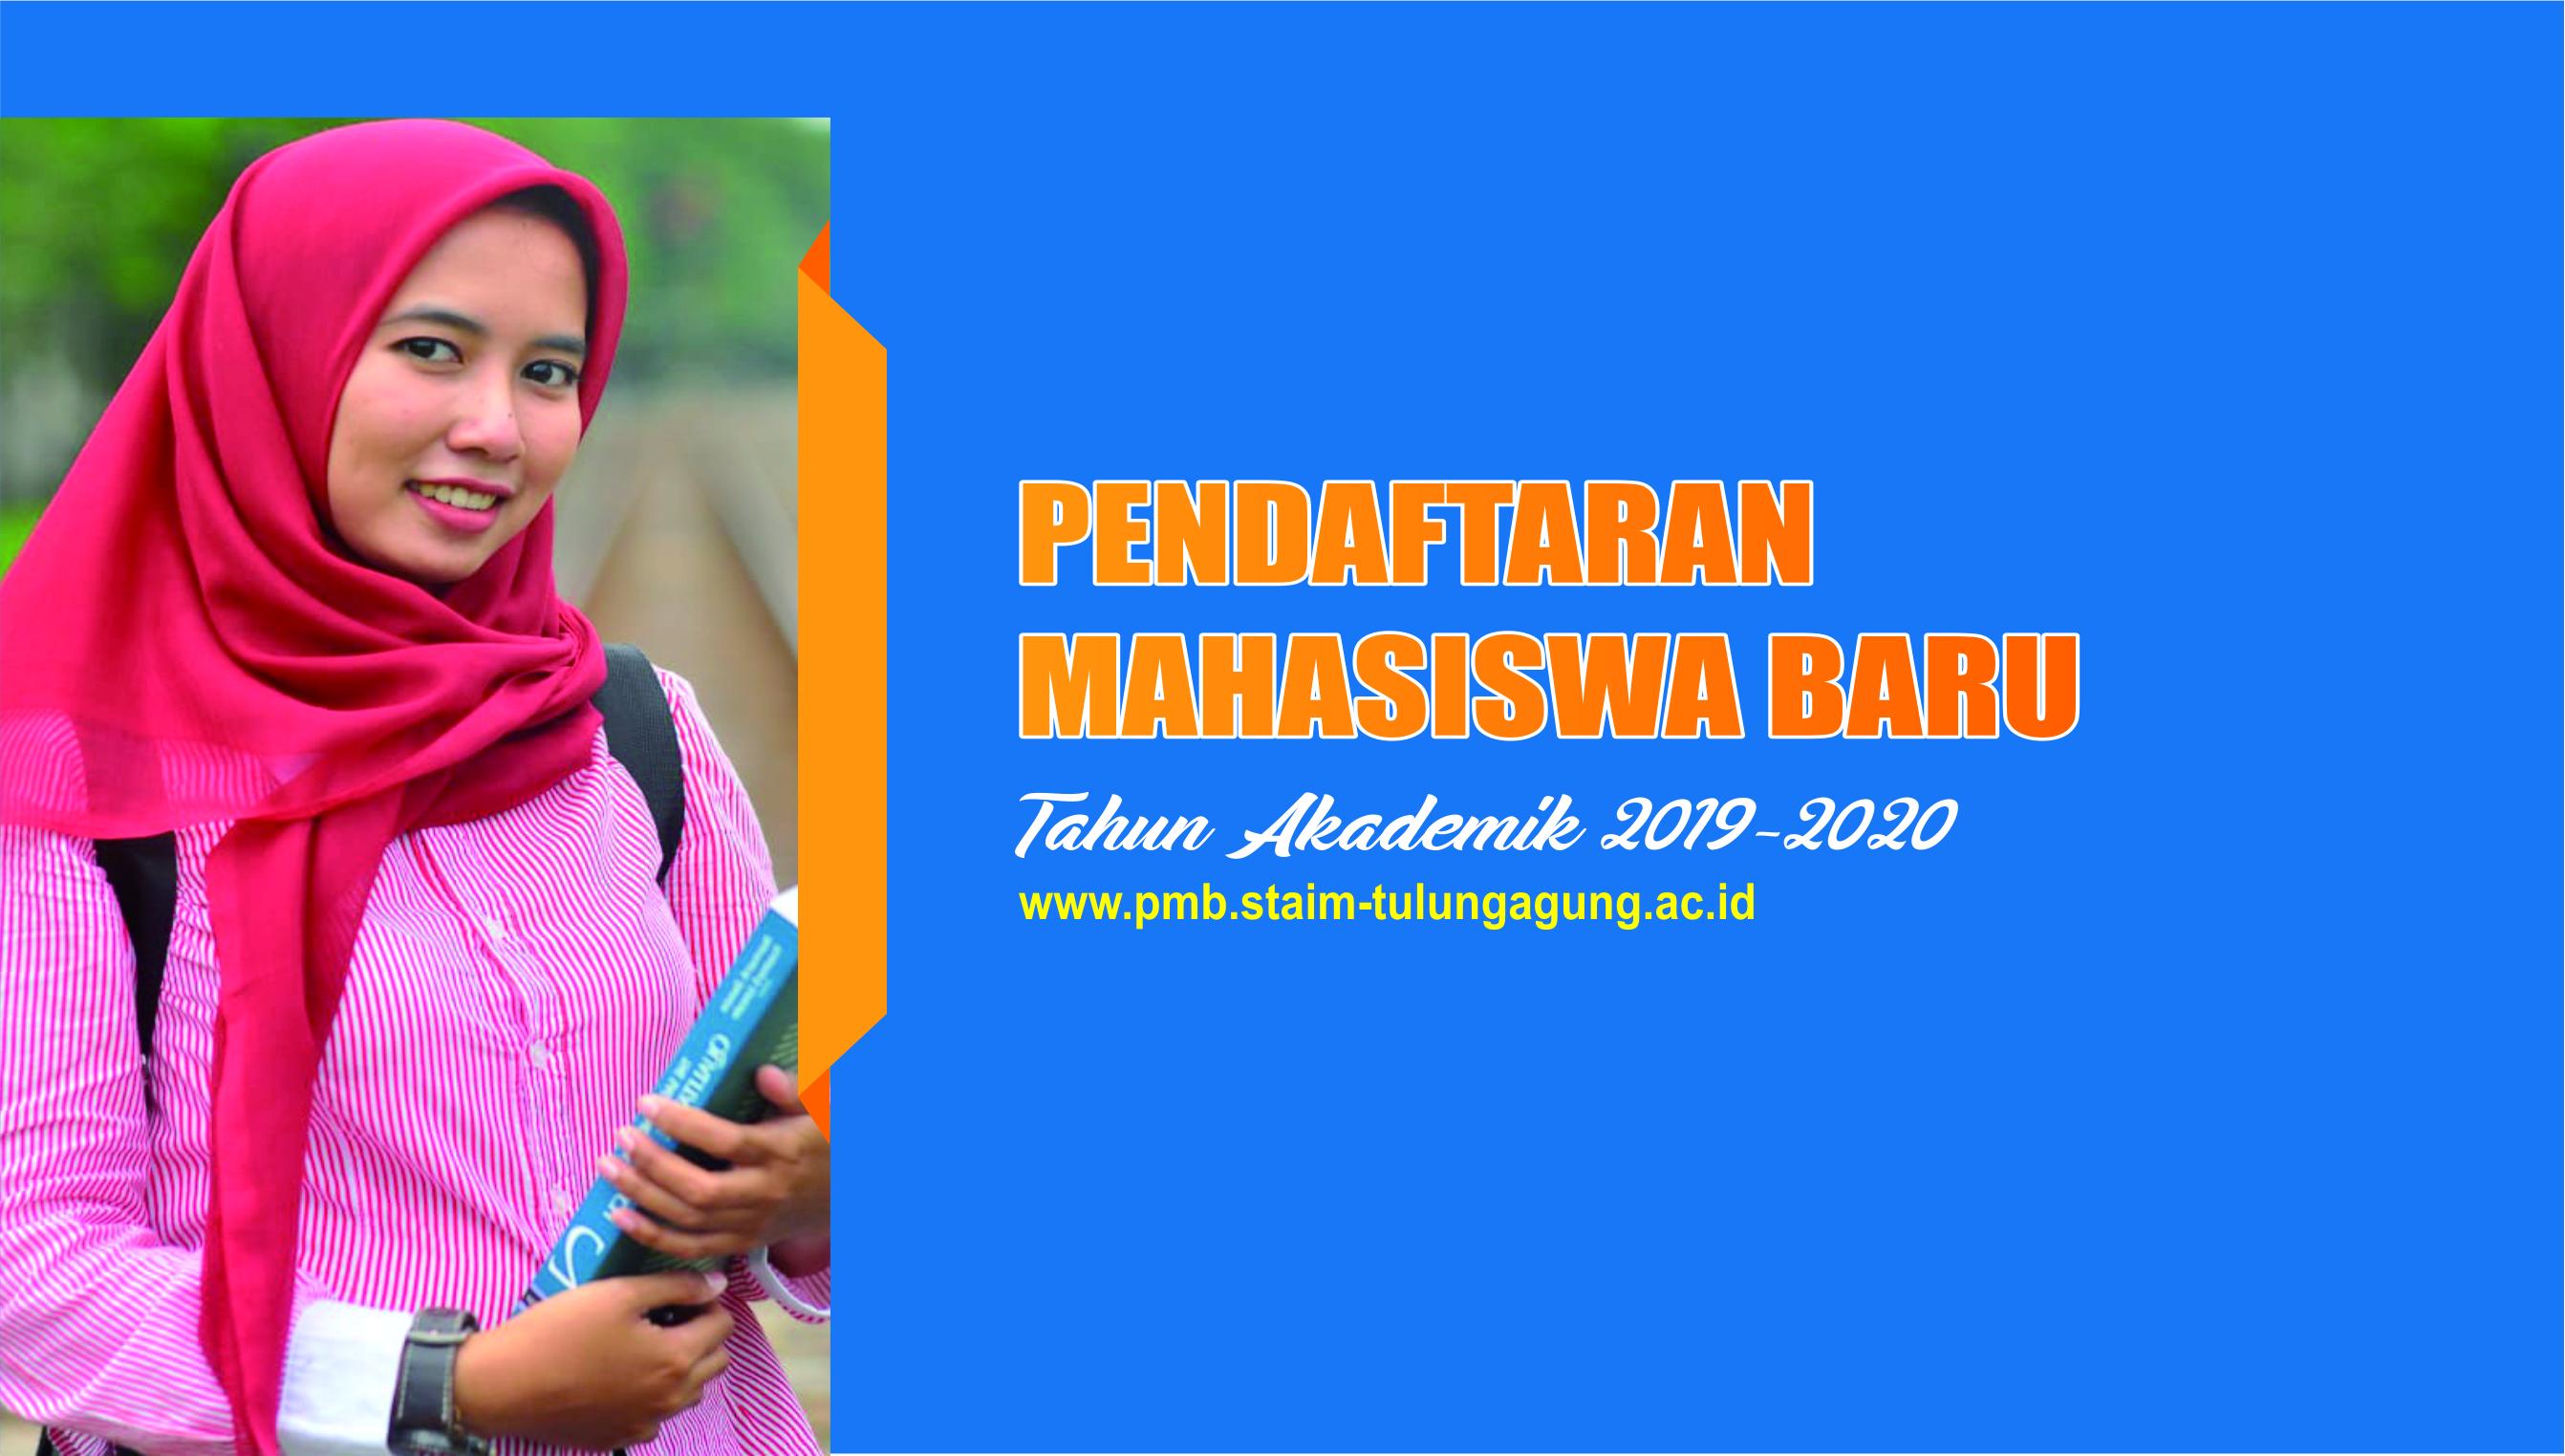 PMB 2019 - Selamat Datang Calon Mahasiswa/i Baru Tahun Akademik 2019/2020